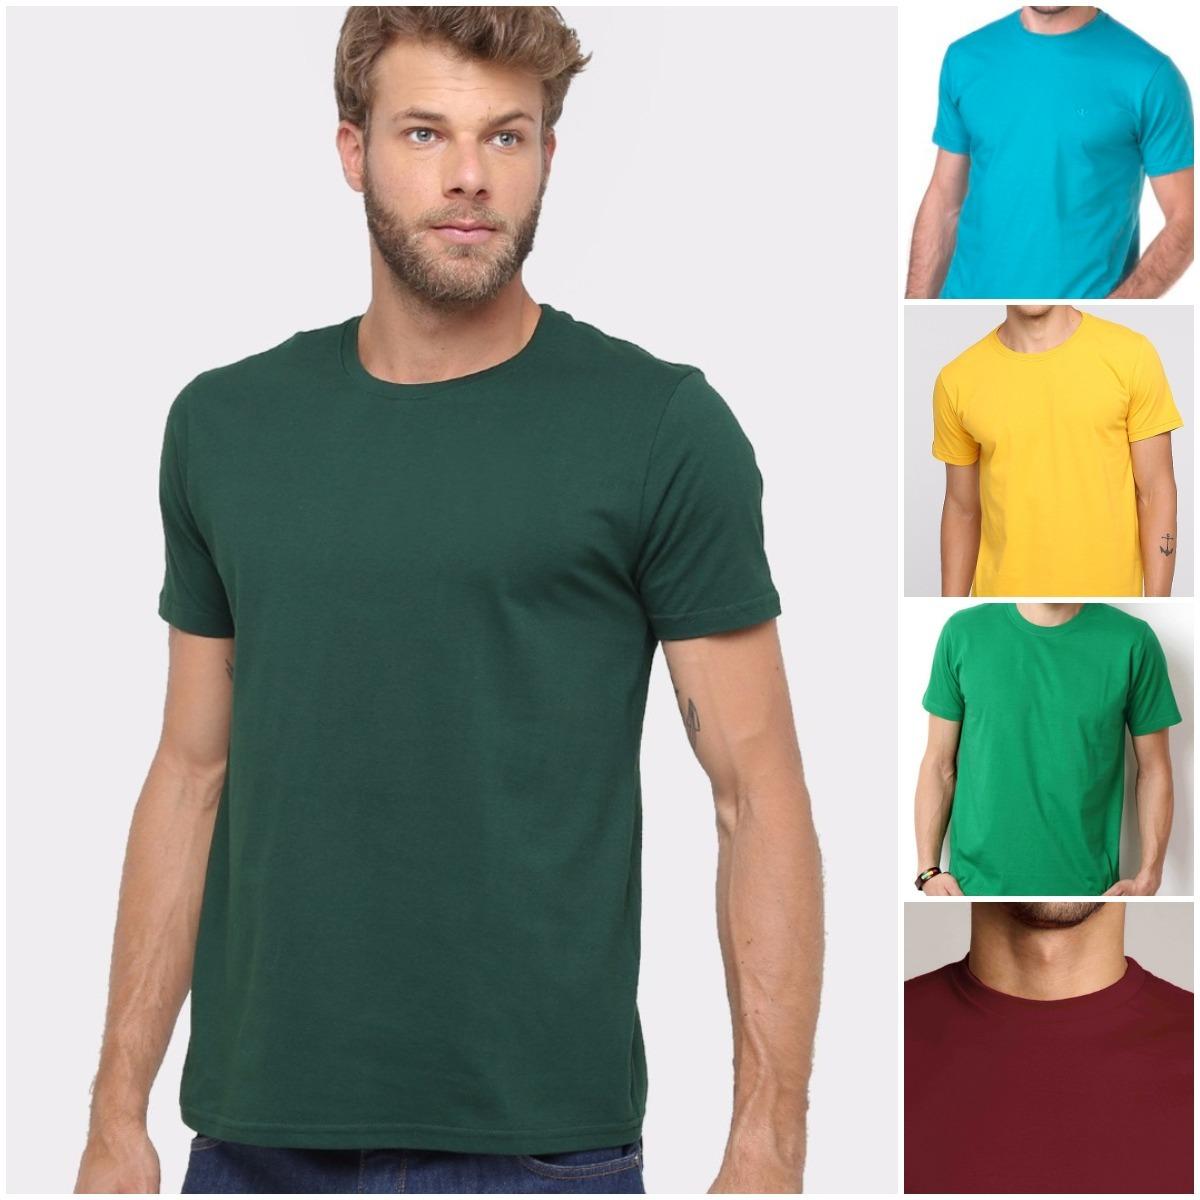 Camiseta Verde Escuro Musgo Lisa Básica Camisa 100% Algodão - R  19 ... 179adf7ef0e